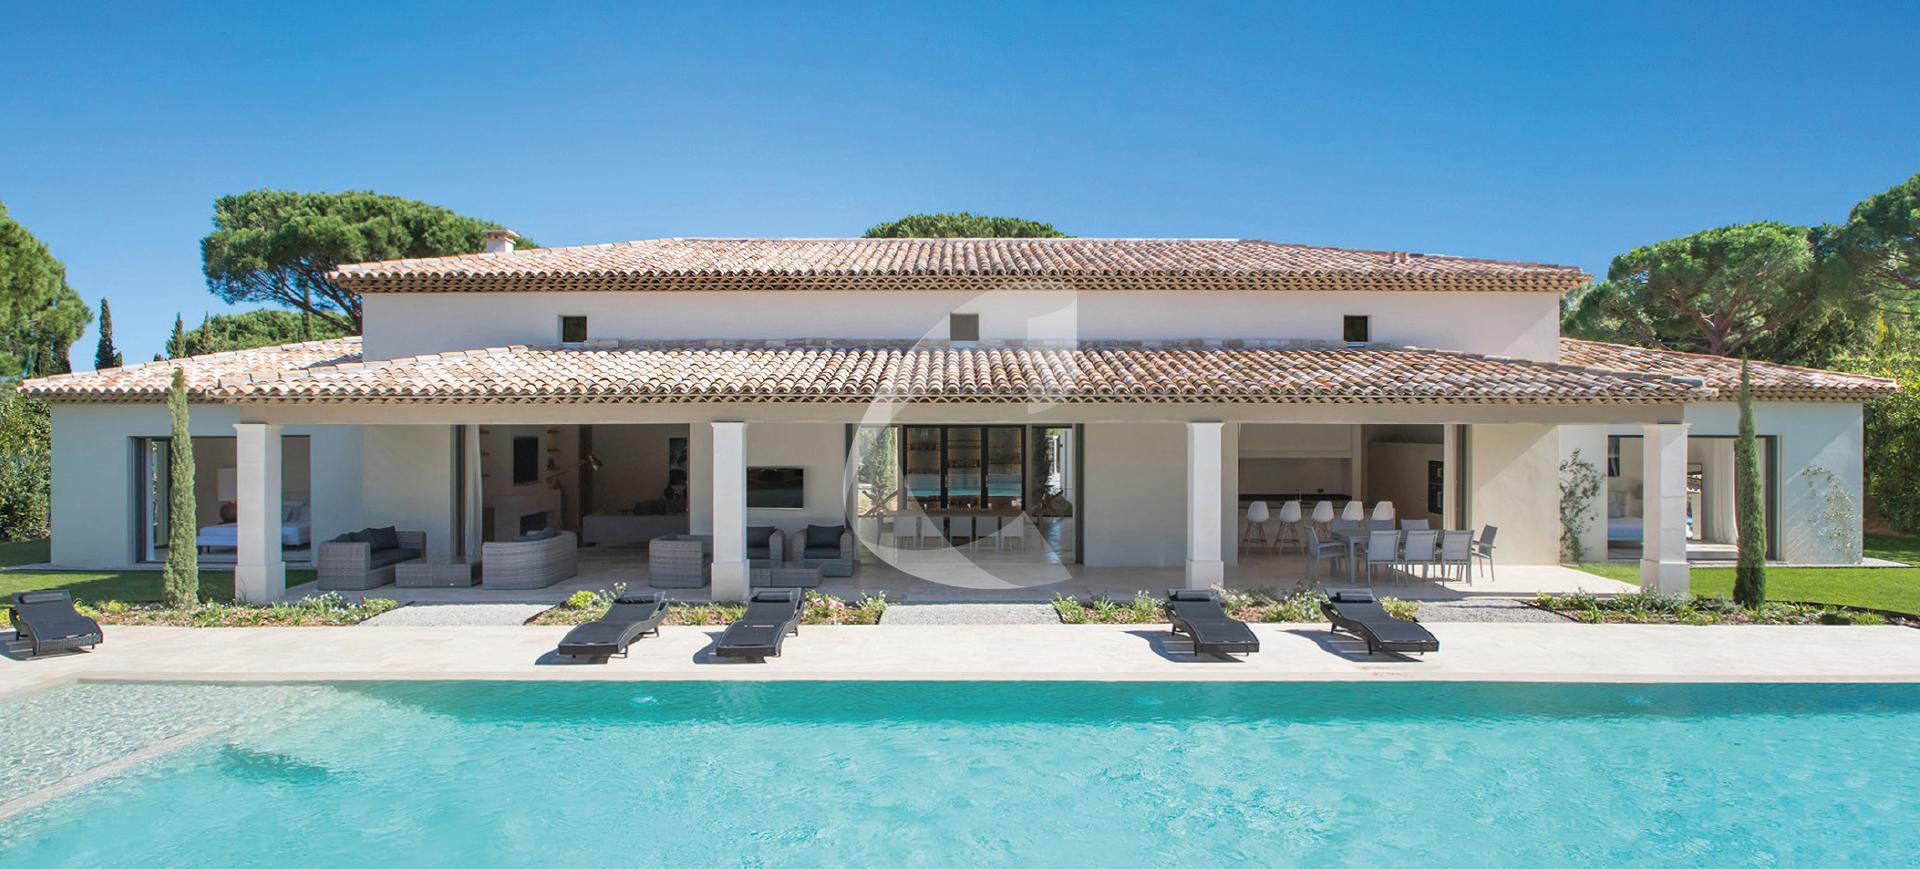 Villa Salins St Tropez